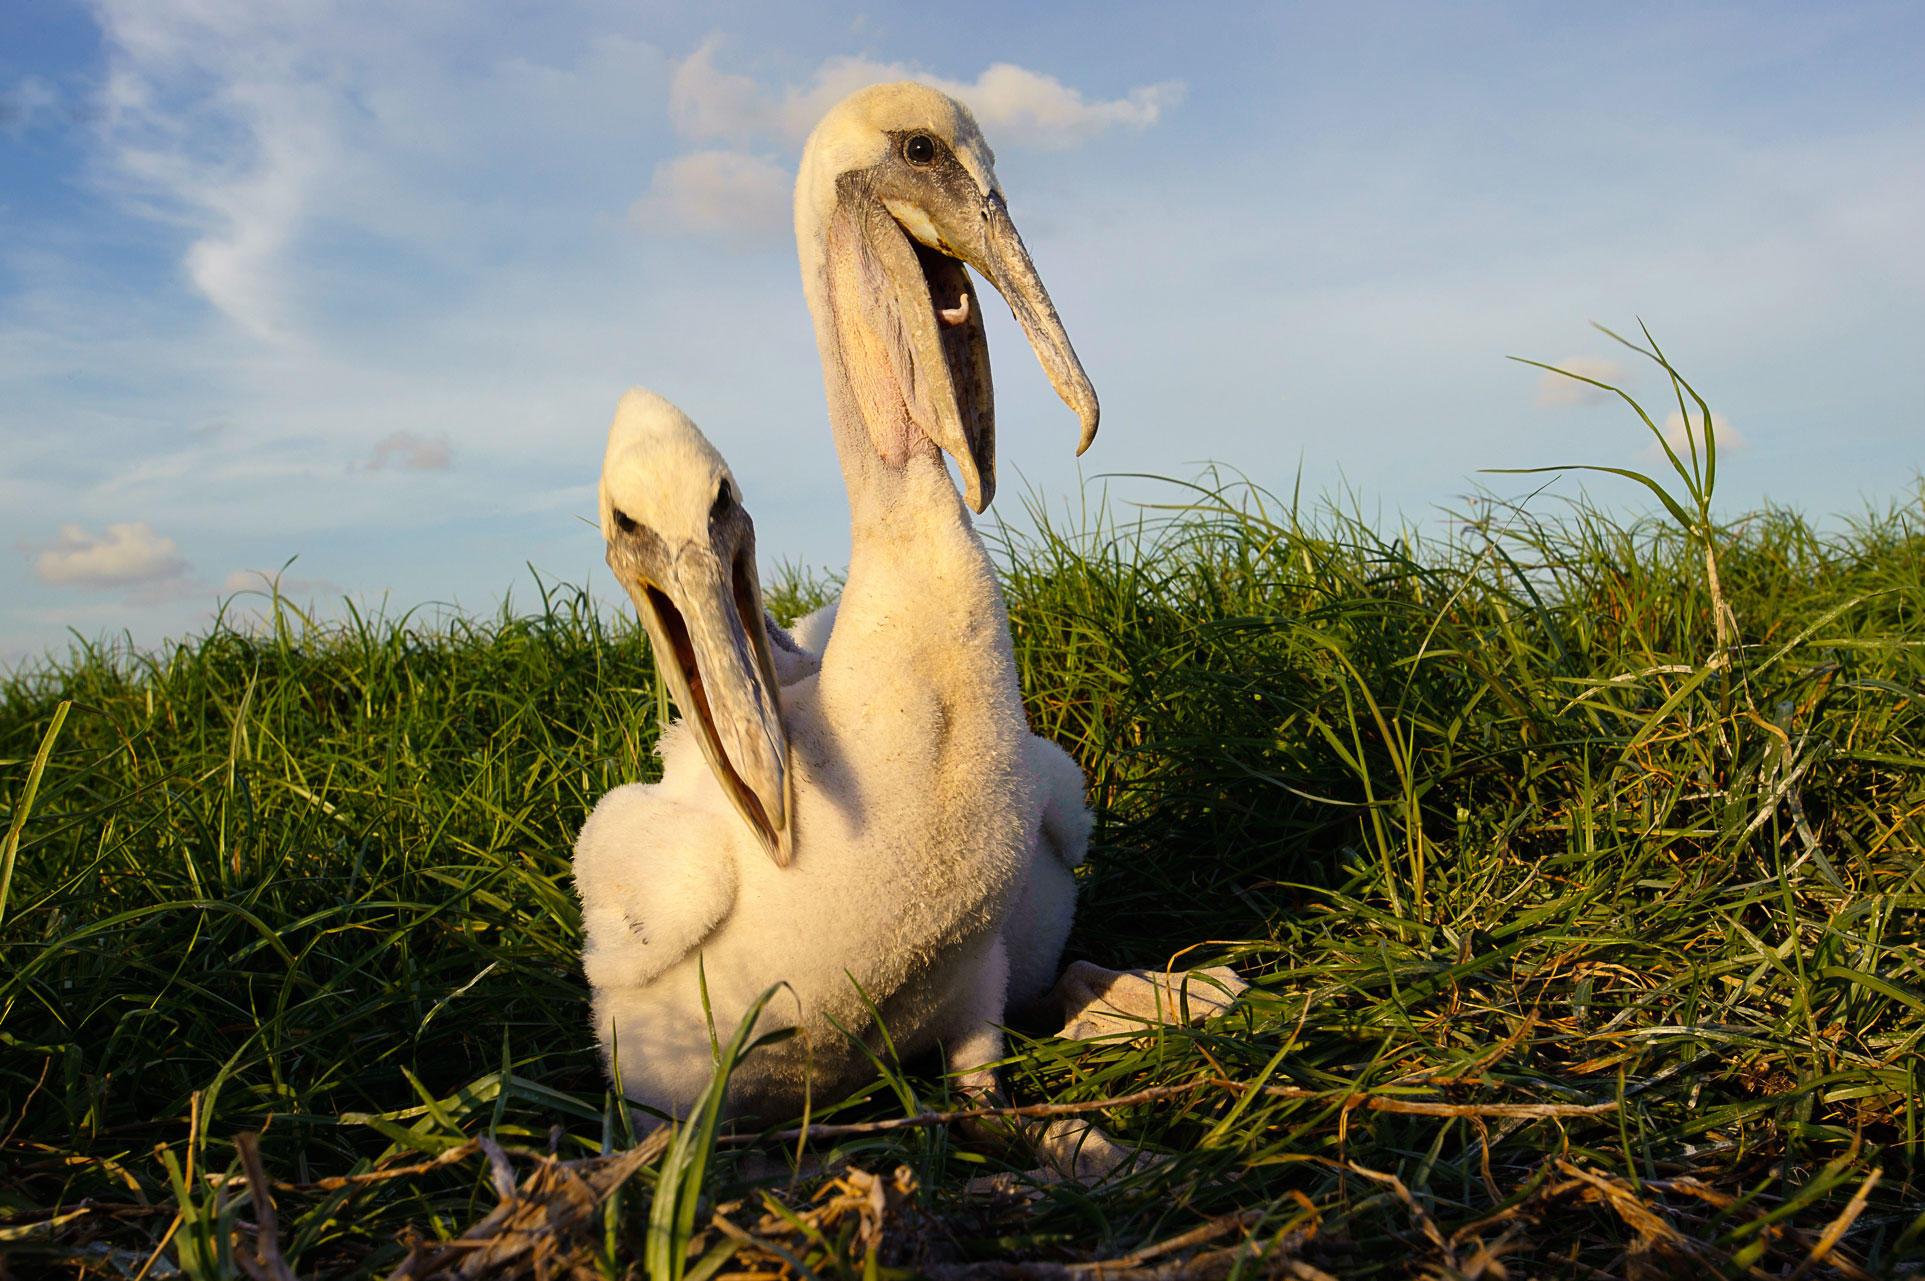 Brown Pelicans. Gerrit Vyn